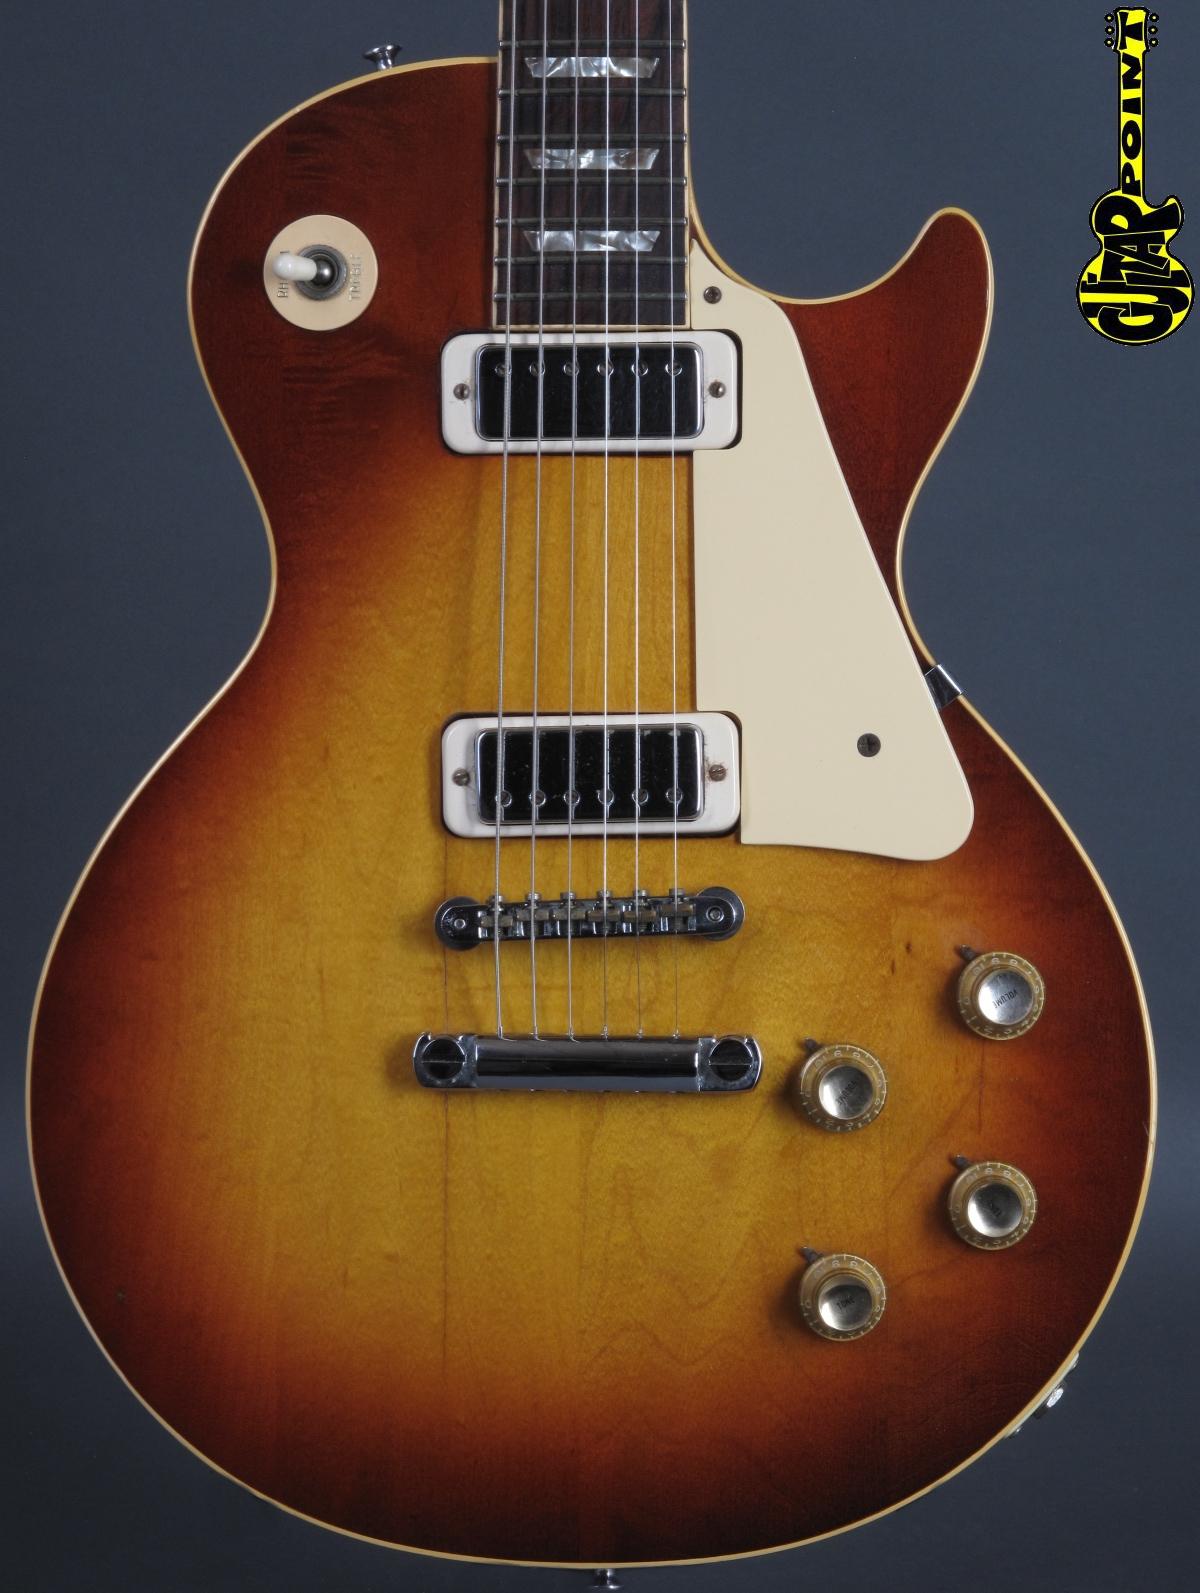 1973 Gibson Les Paul Deluxe - Cherry Sunburst